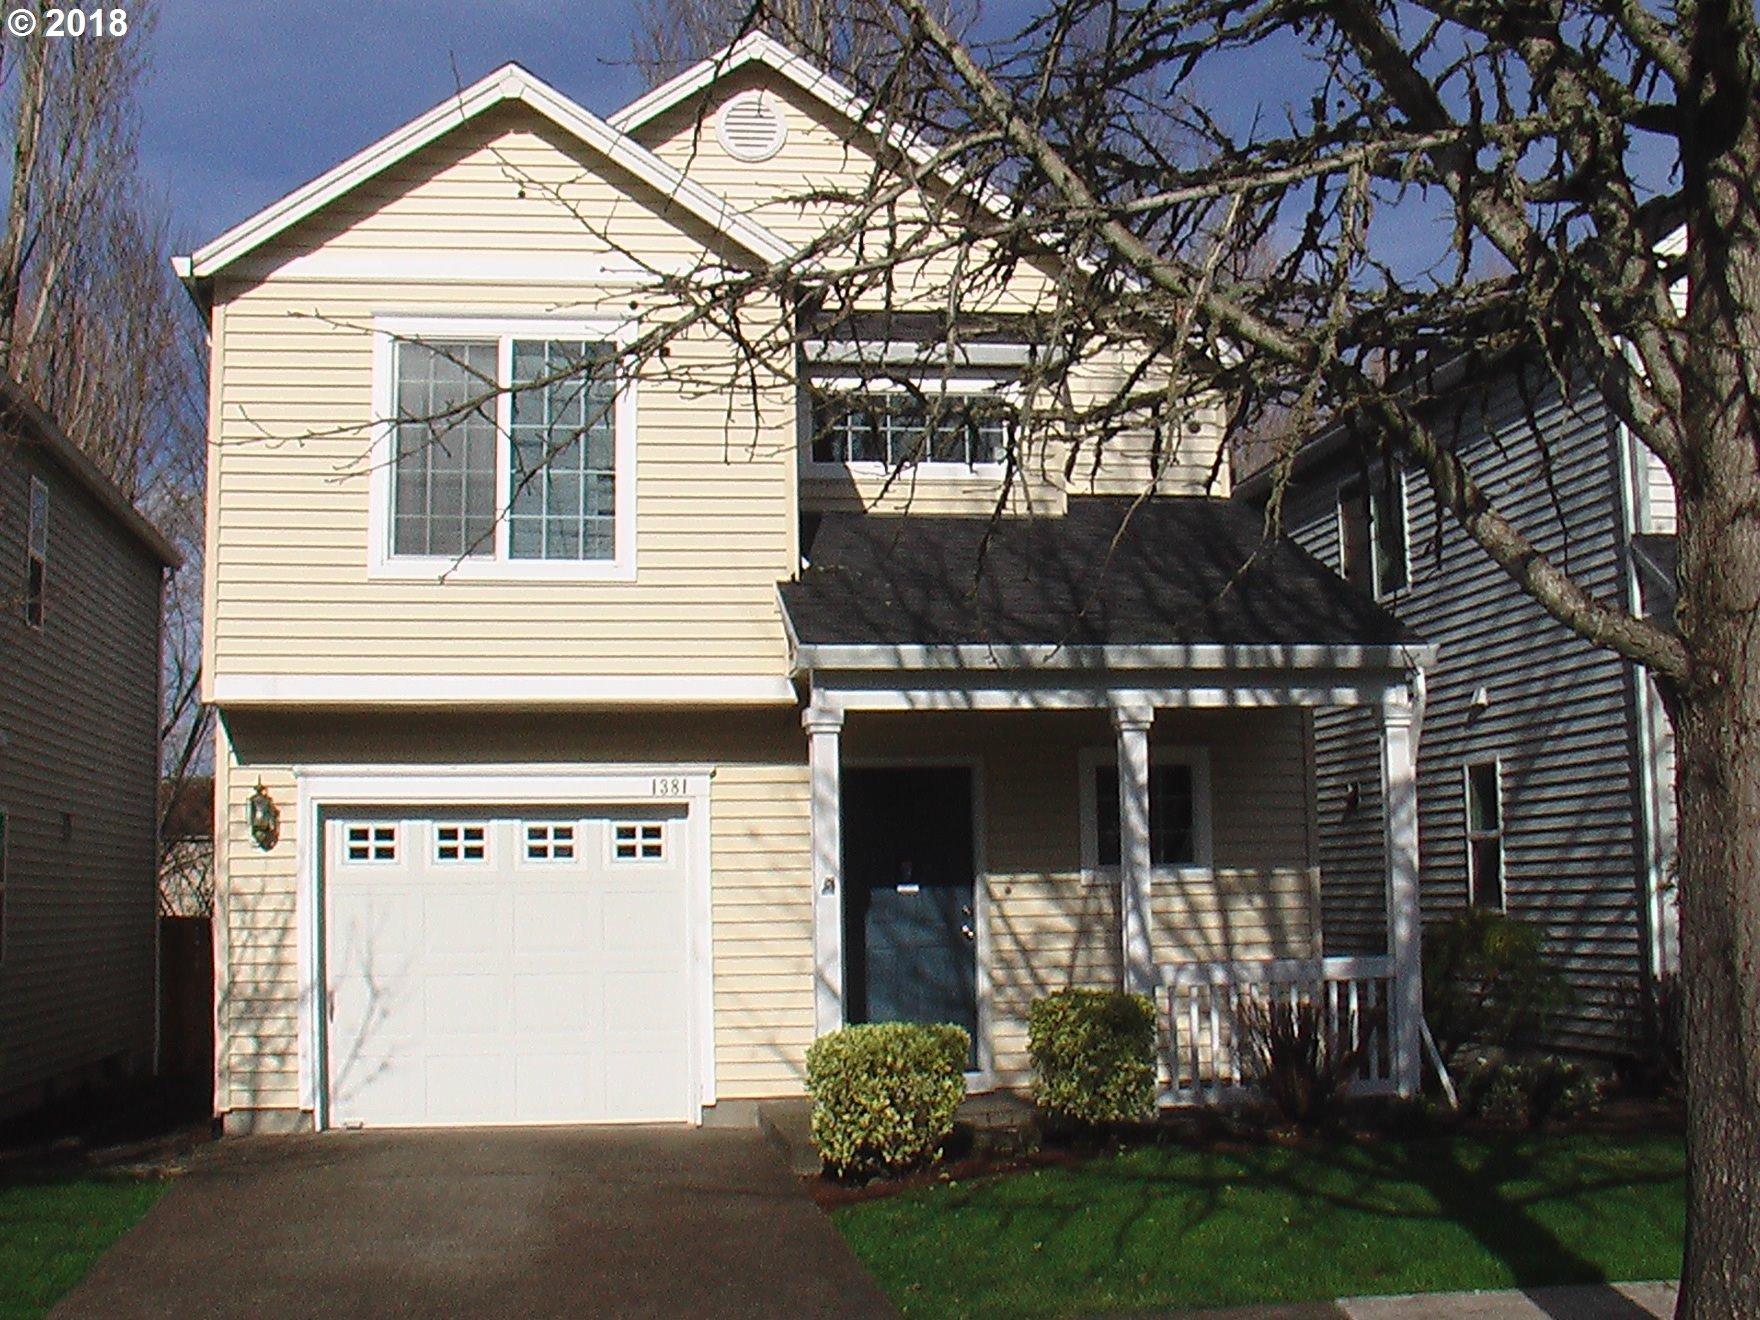 1381 NE KINNEY ST, Hillsboro, OR 97124